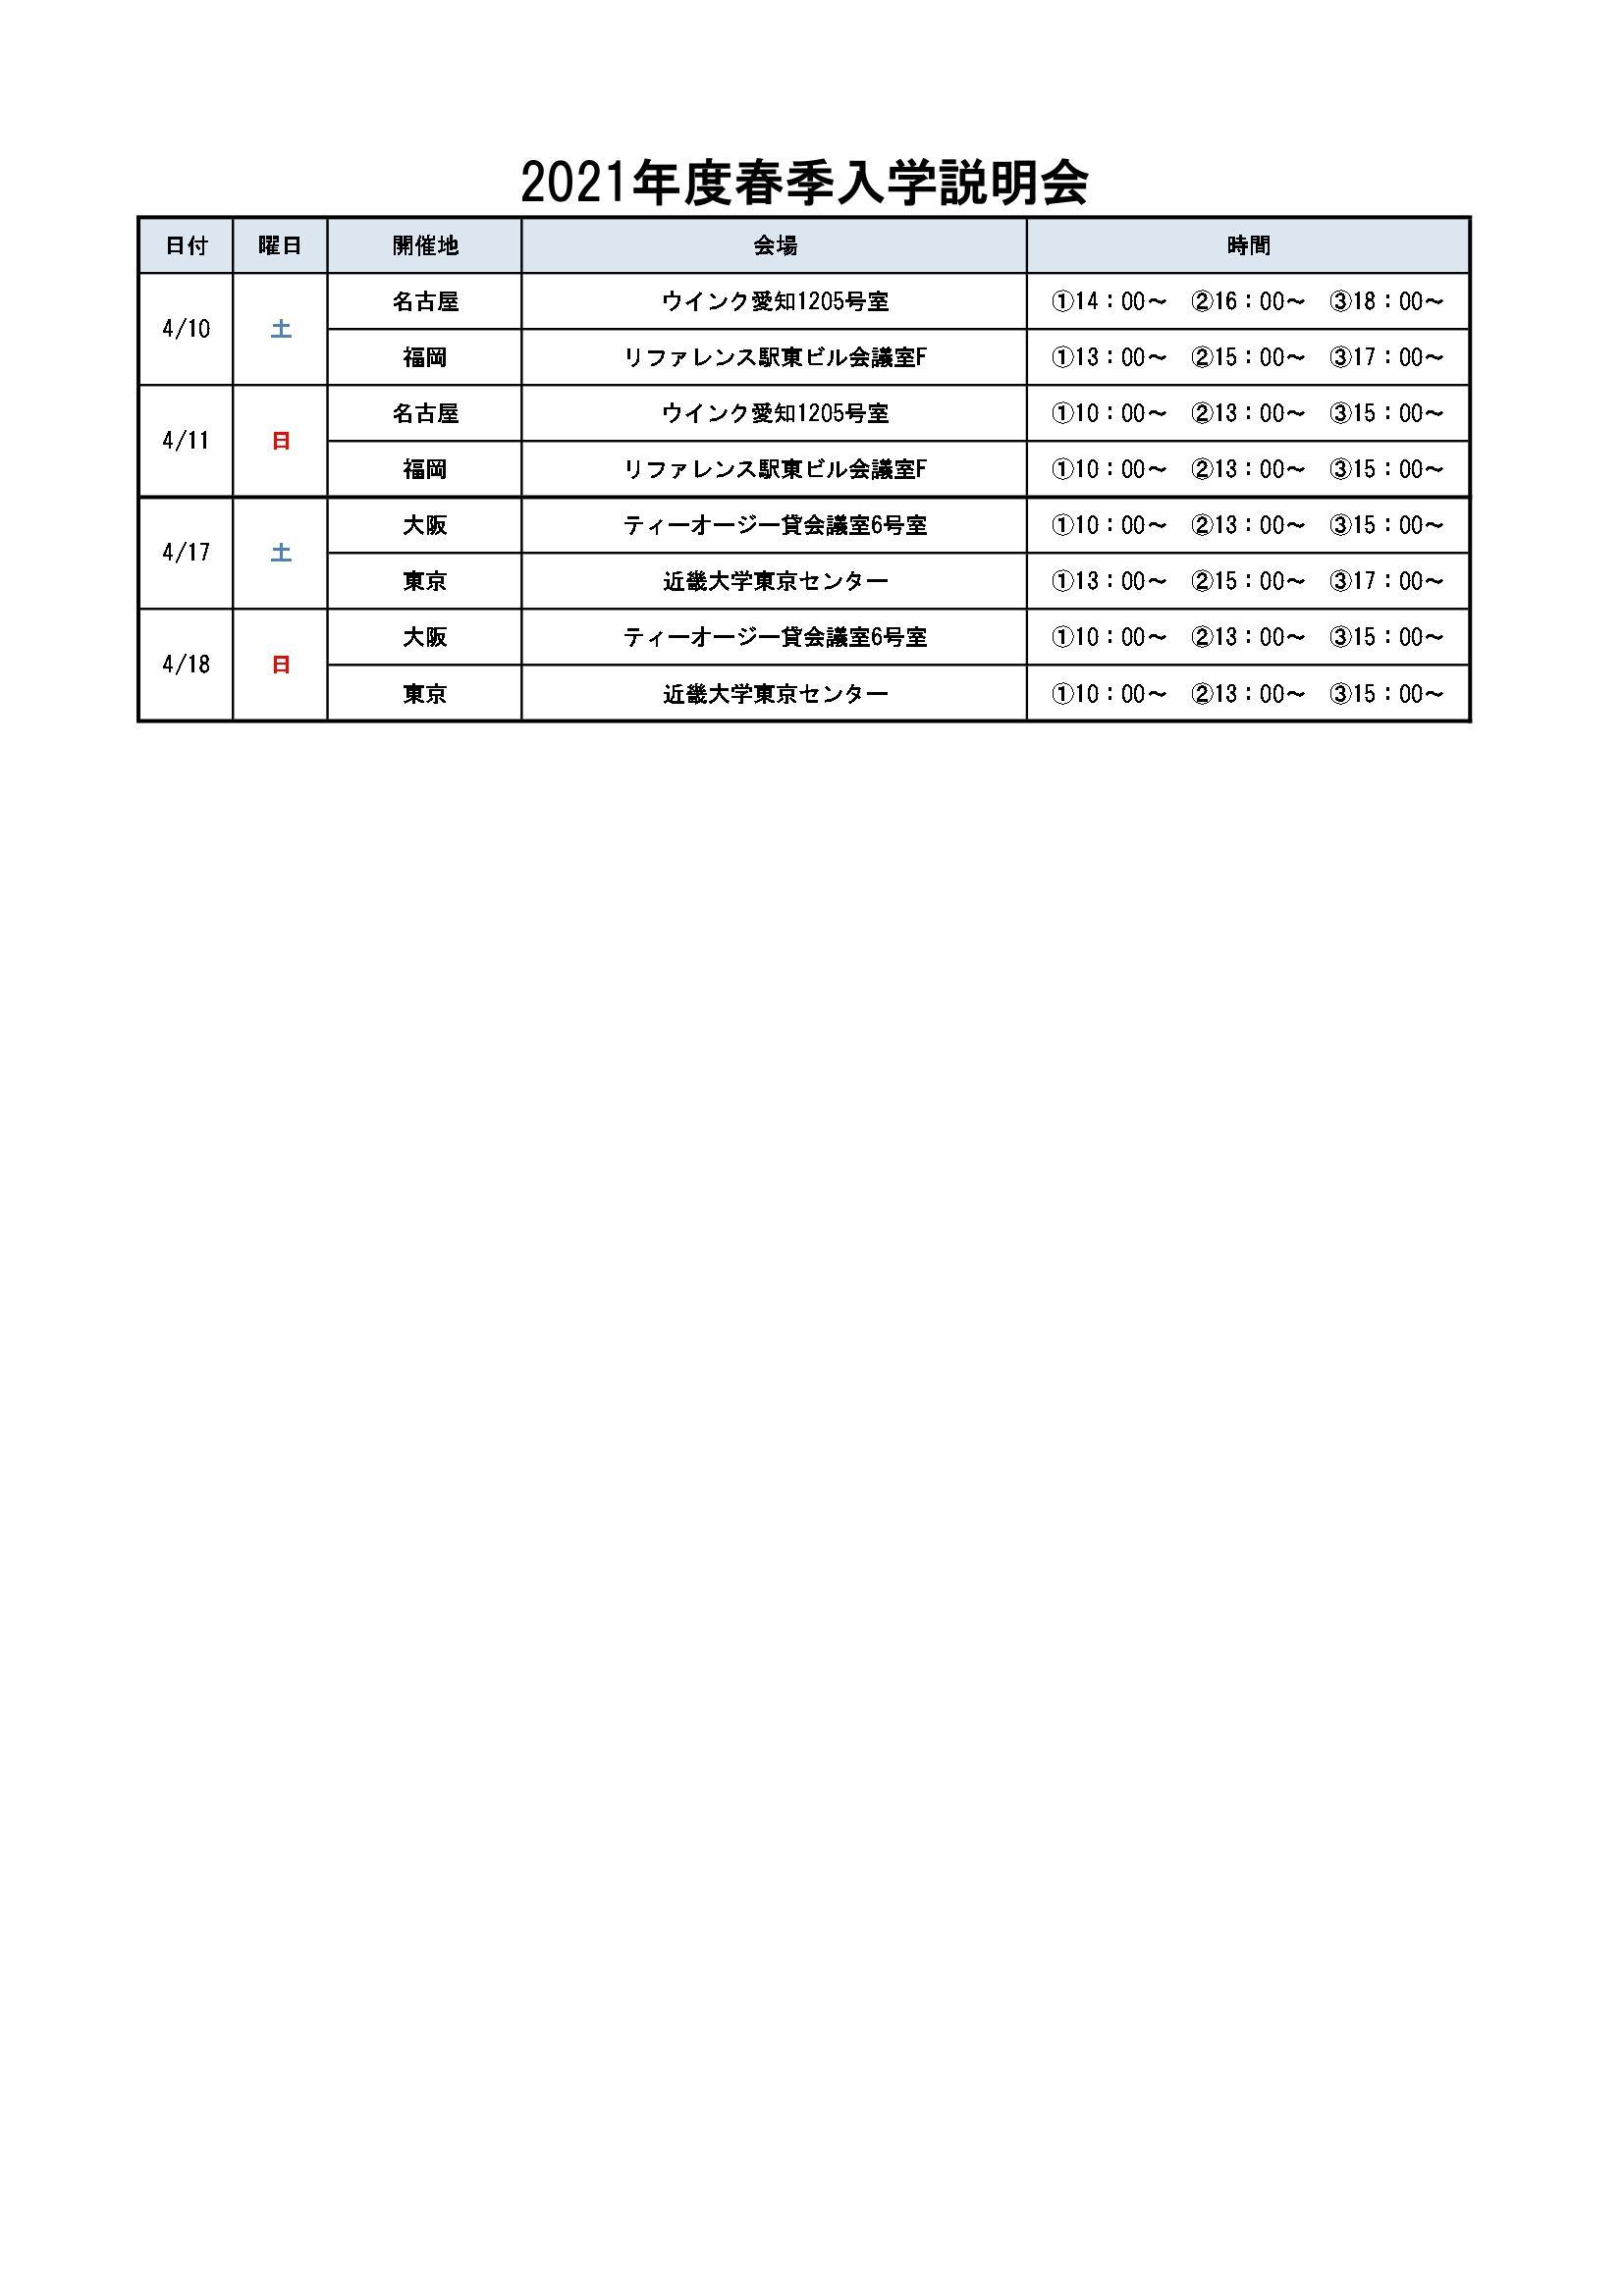 2021年度春季入学説明会担当者表_page-0001 (7).jpg